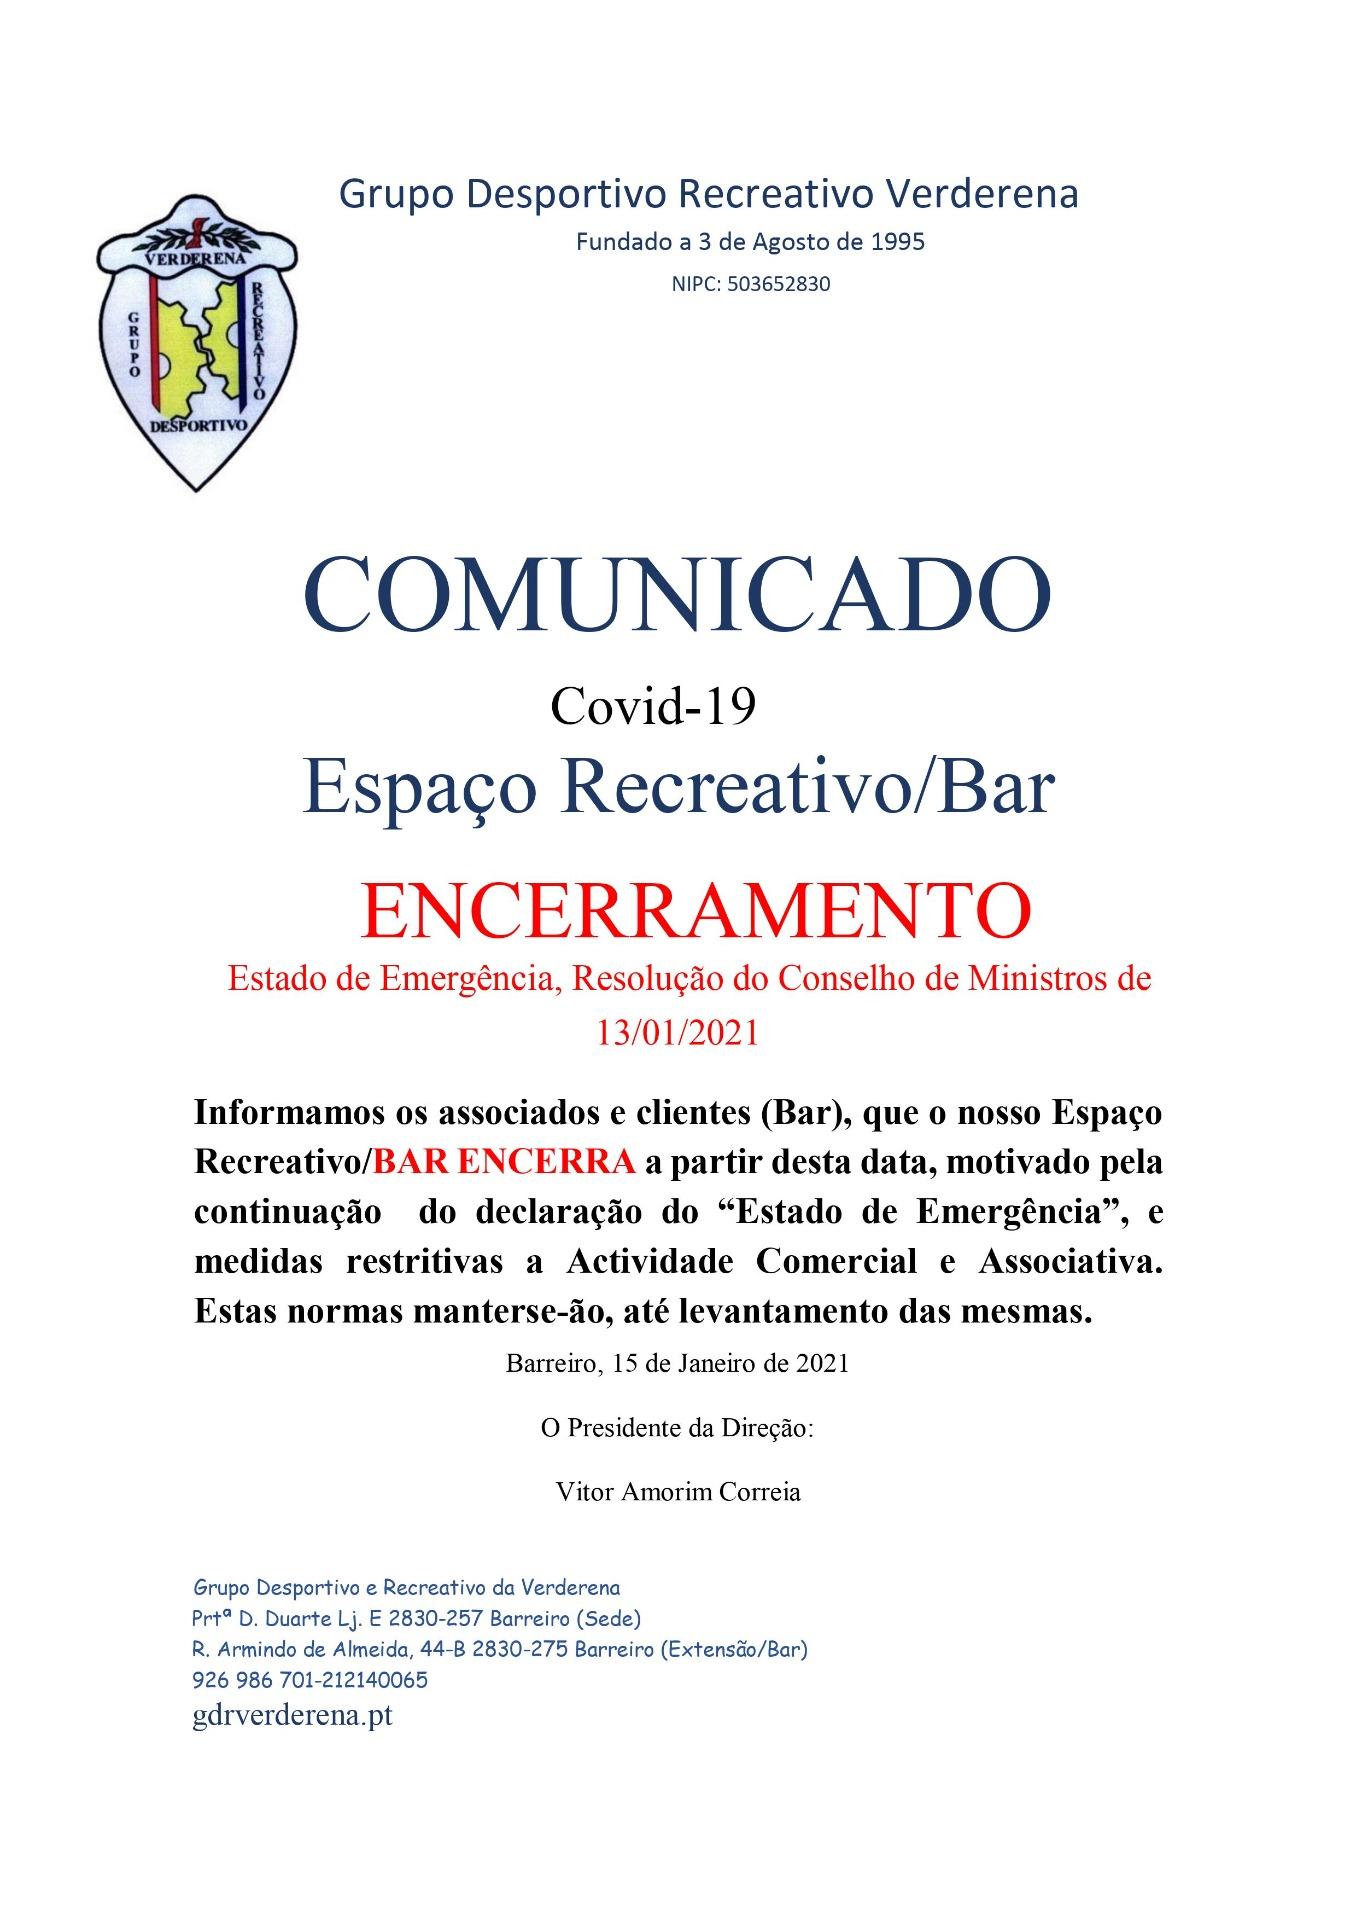 Encerramento Extensão Bar